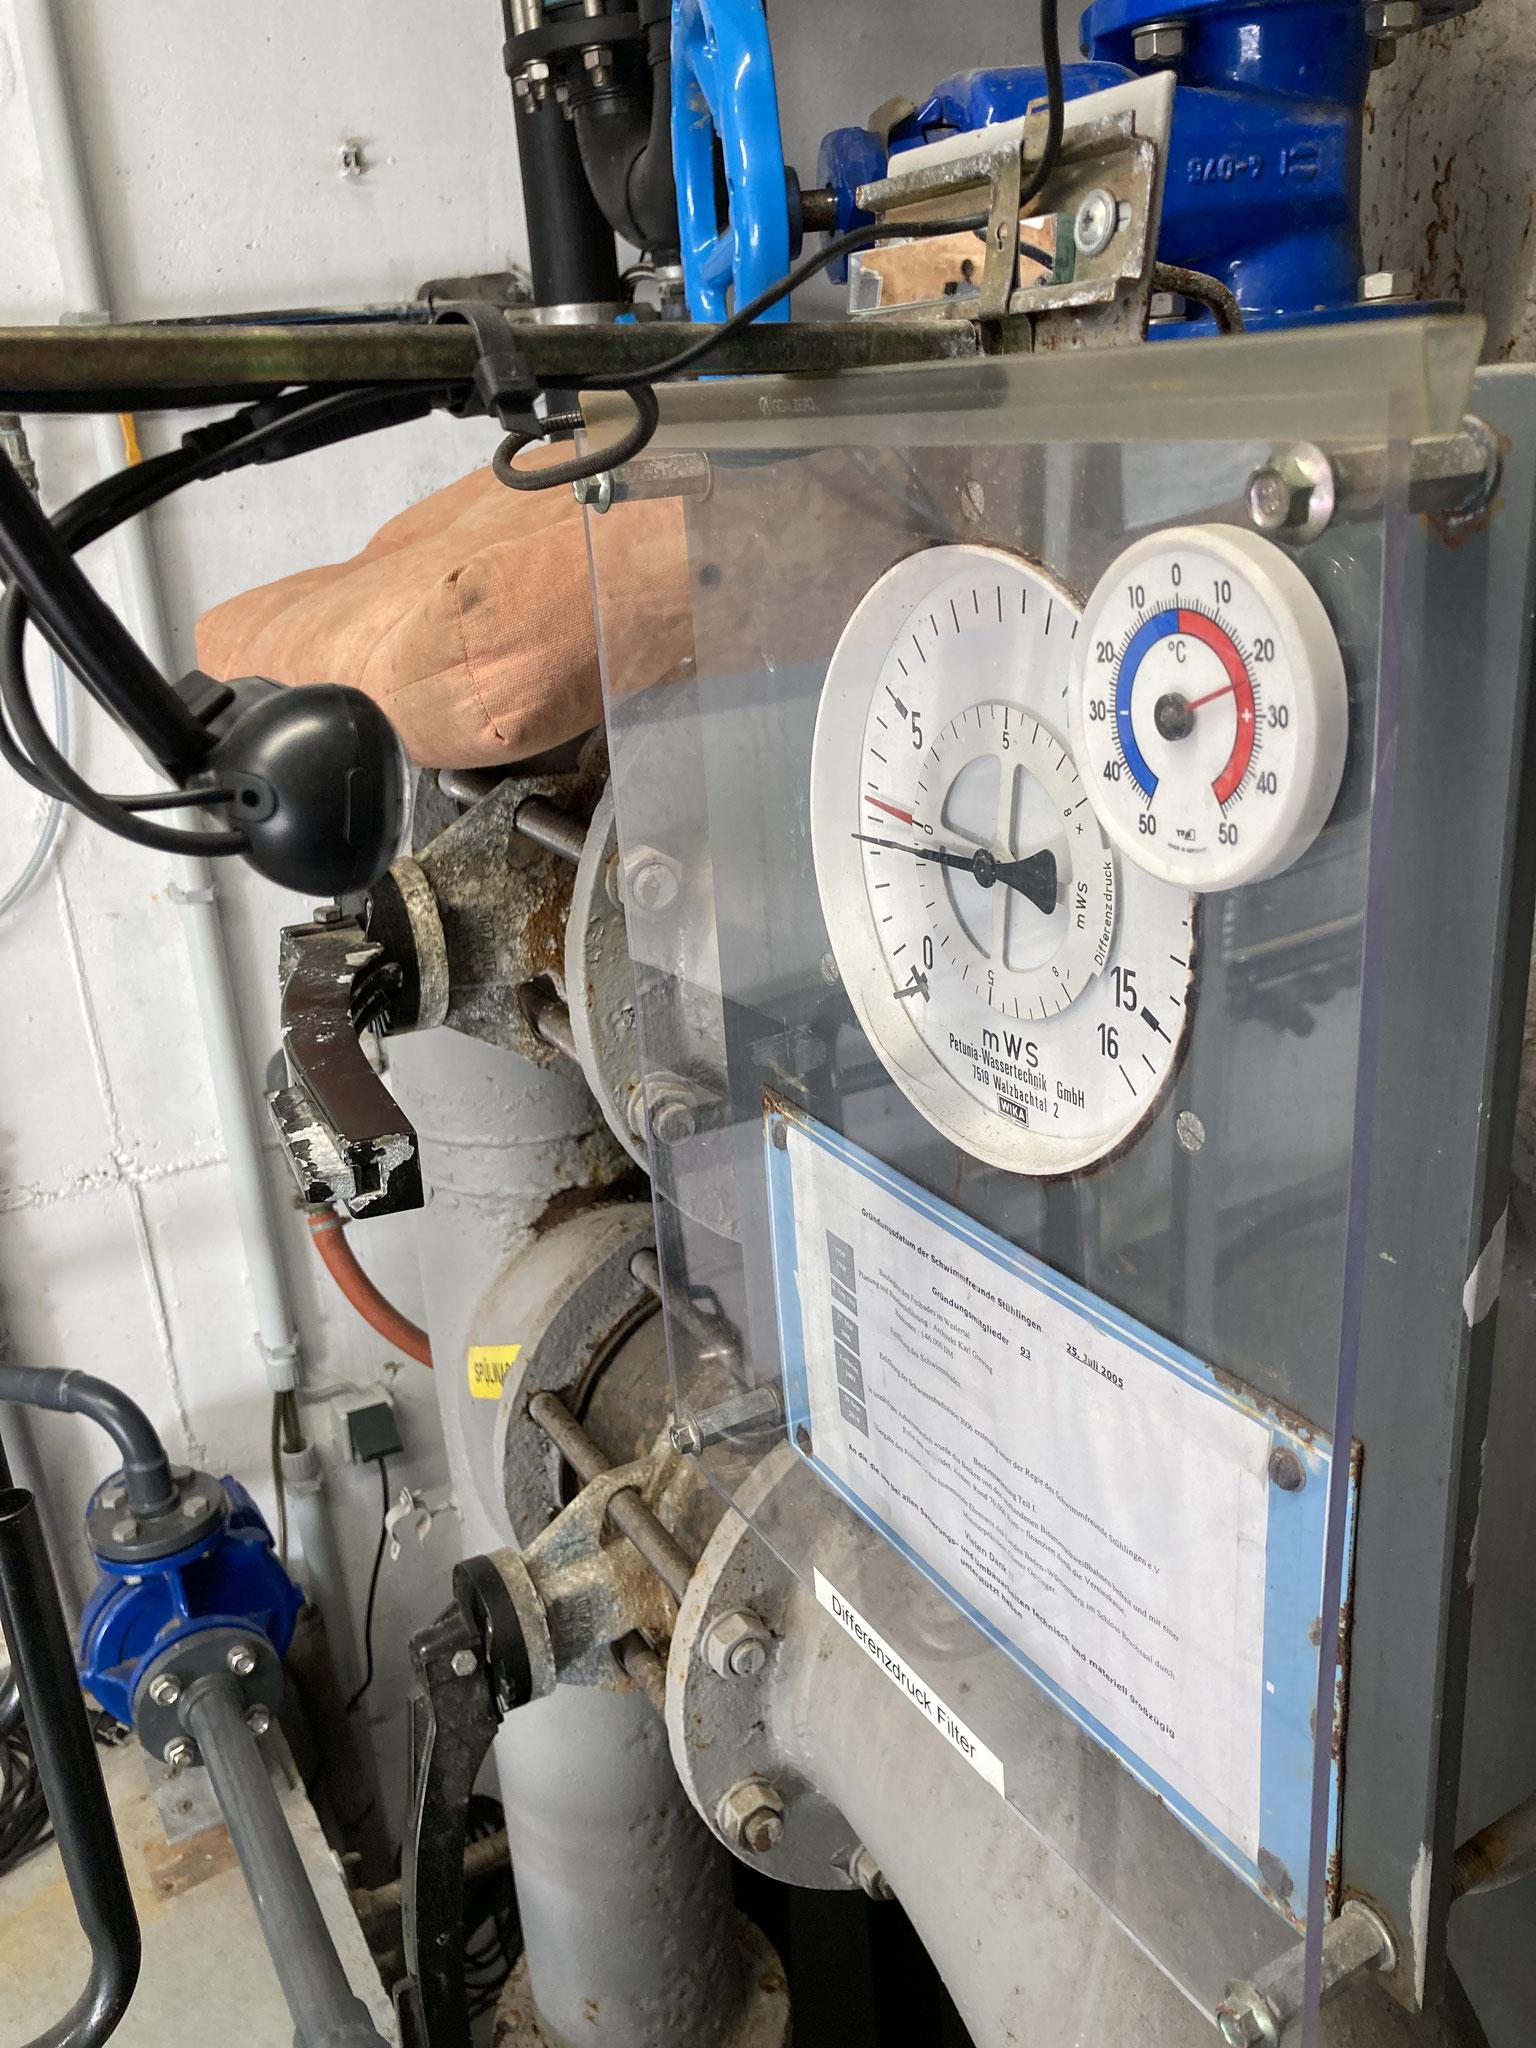 Der Differenzdruckmesser zeigt an, wenn der Wasserfilter gereinigt werden muss